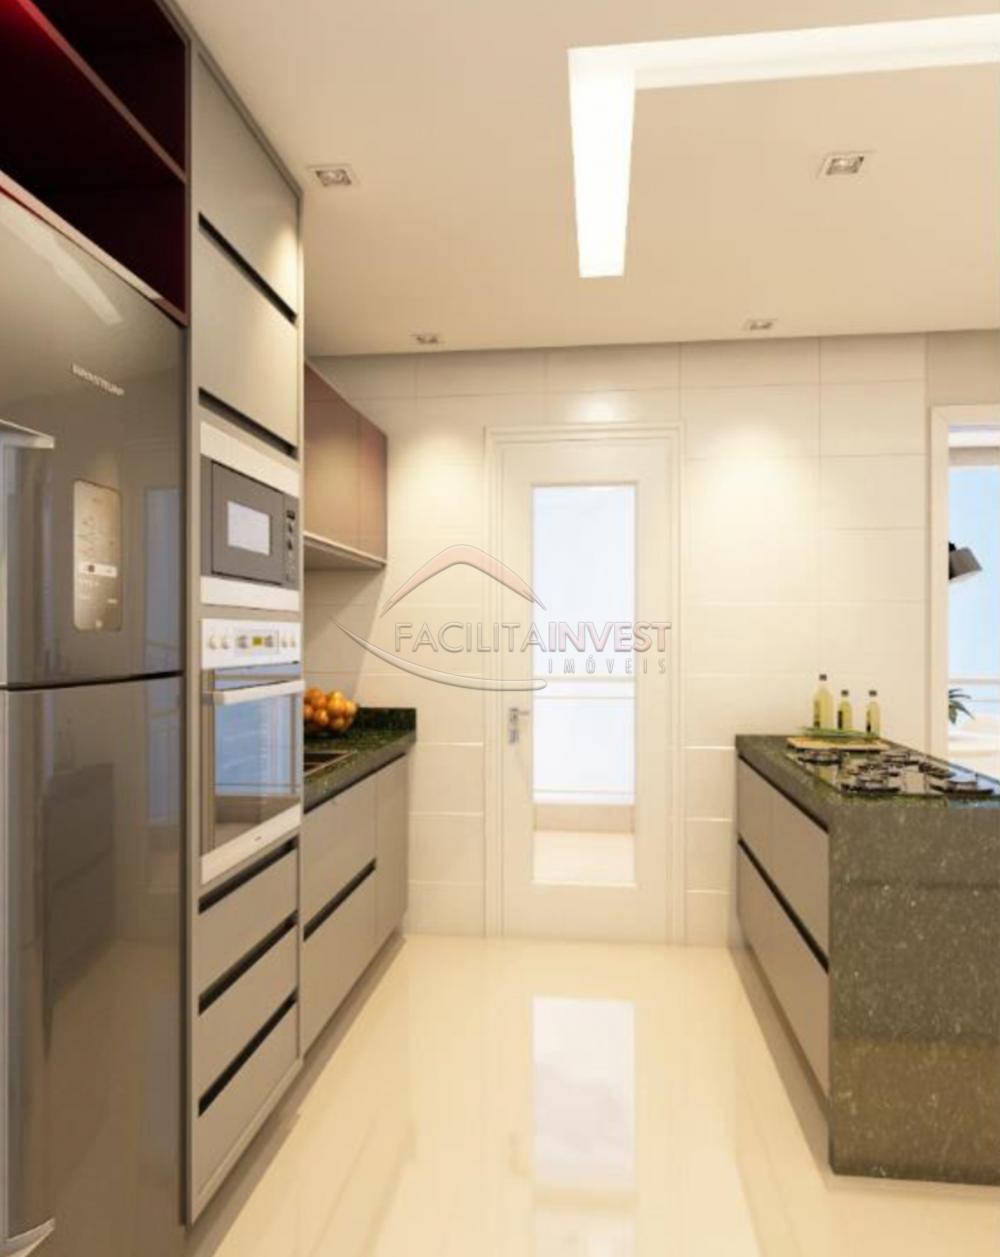 Comprar Lançamentos/ Empreendimentos em Construç / Apartamento padrão - Lançamento em Ribeirão Preto apenas R$ 567.573,00 - Foto 2